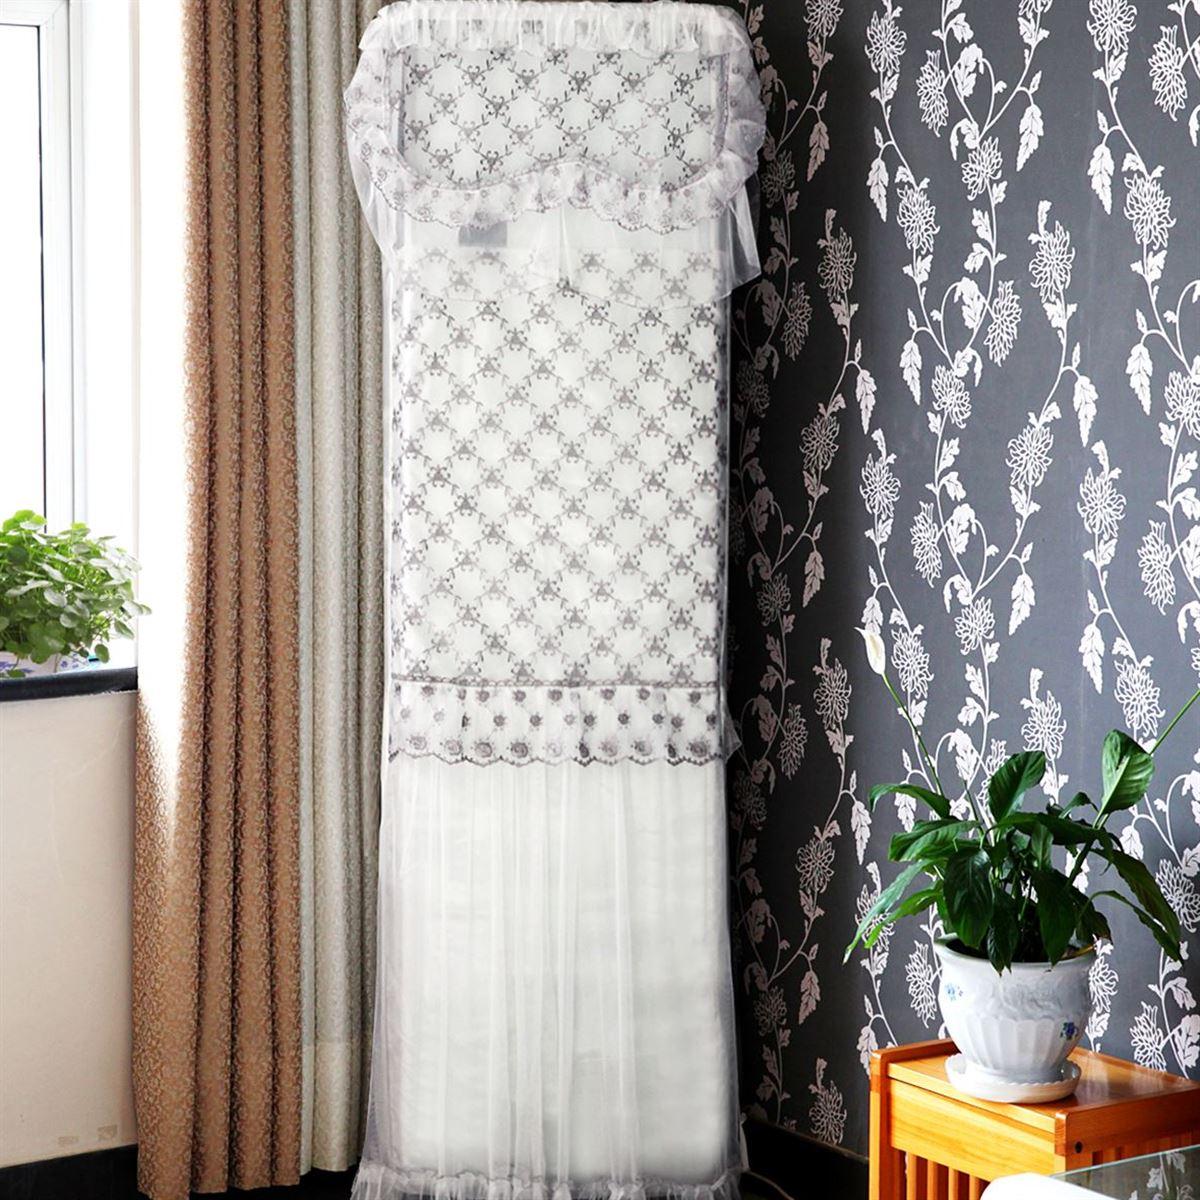 Explosion modelle vertikale spitzen, klimaanlage, Decken GREE haier TCL changhong Kabinett Kabinett klimaanlage Reihe Platz.